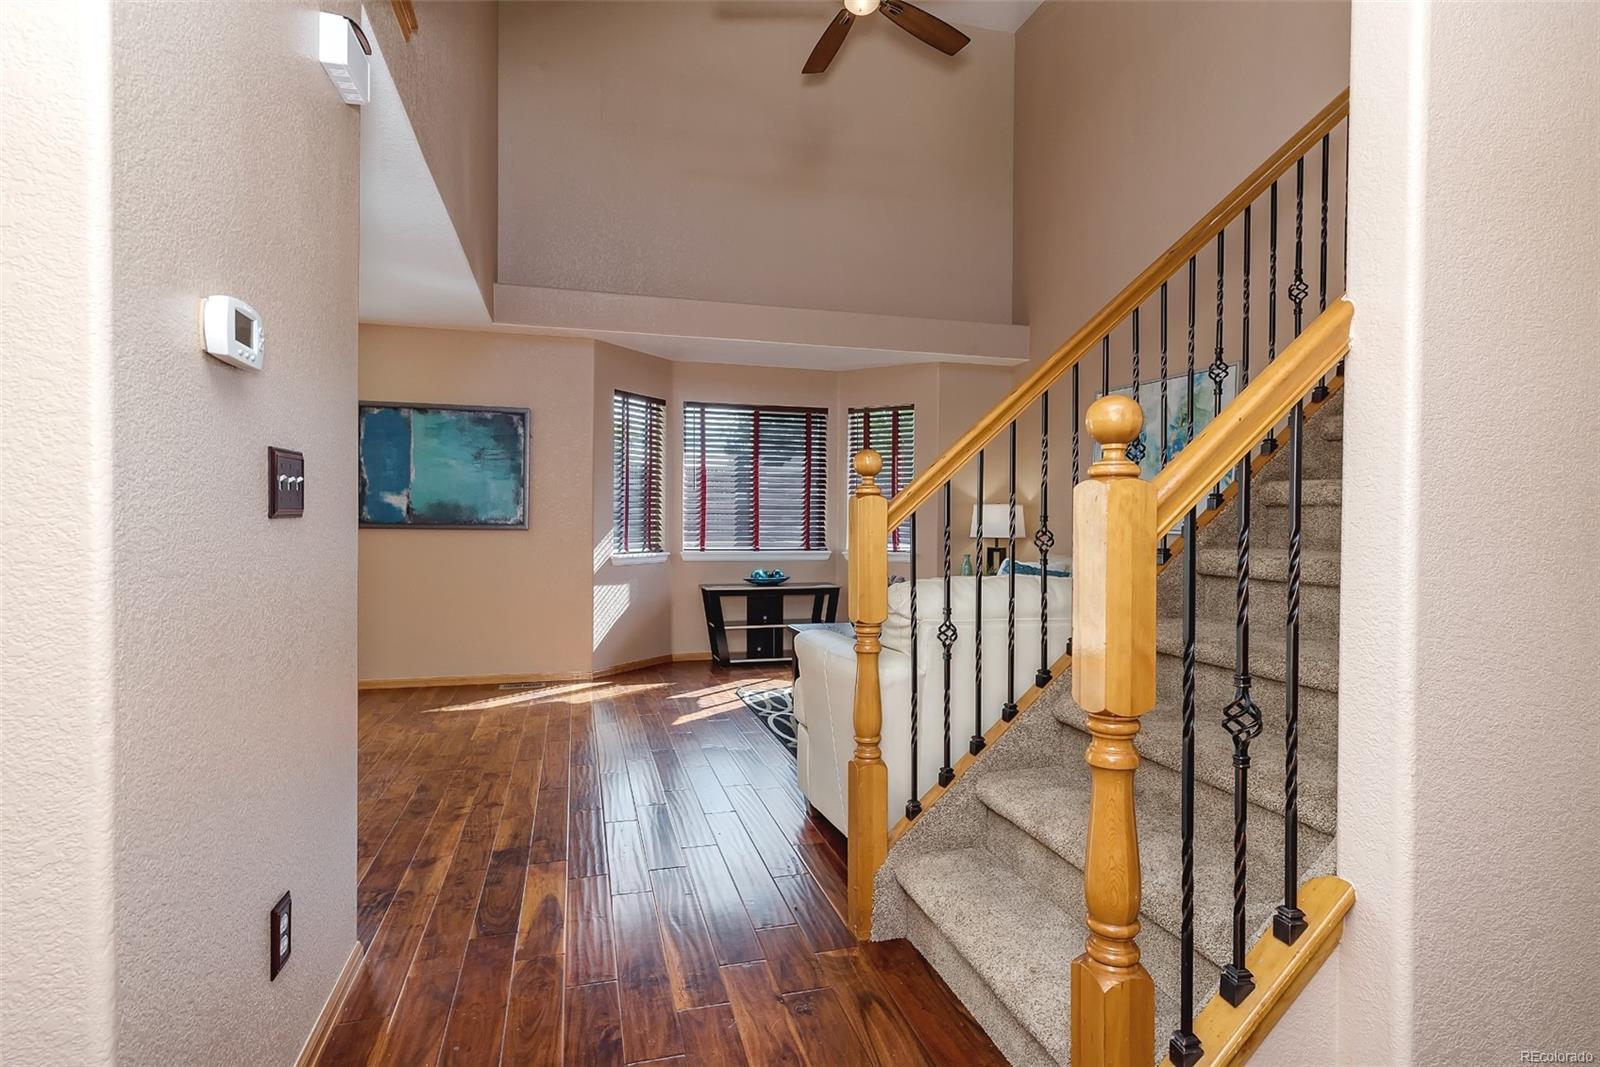 Newer flooring & stairway balusters!